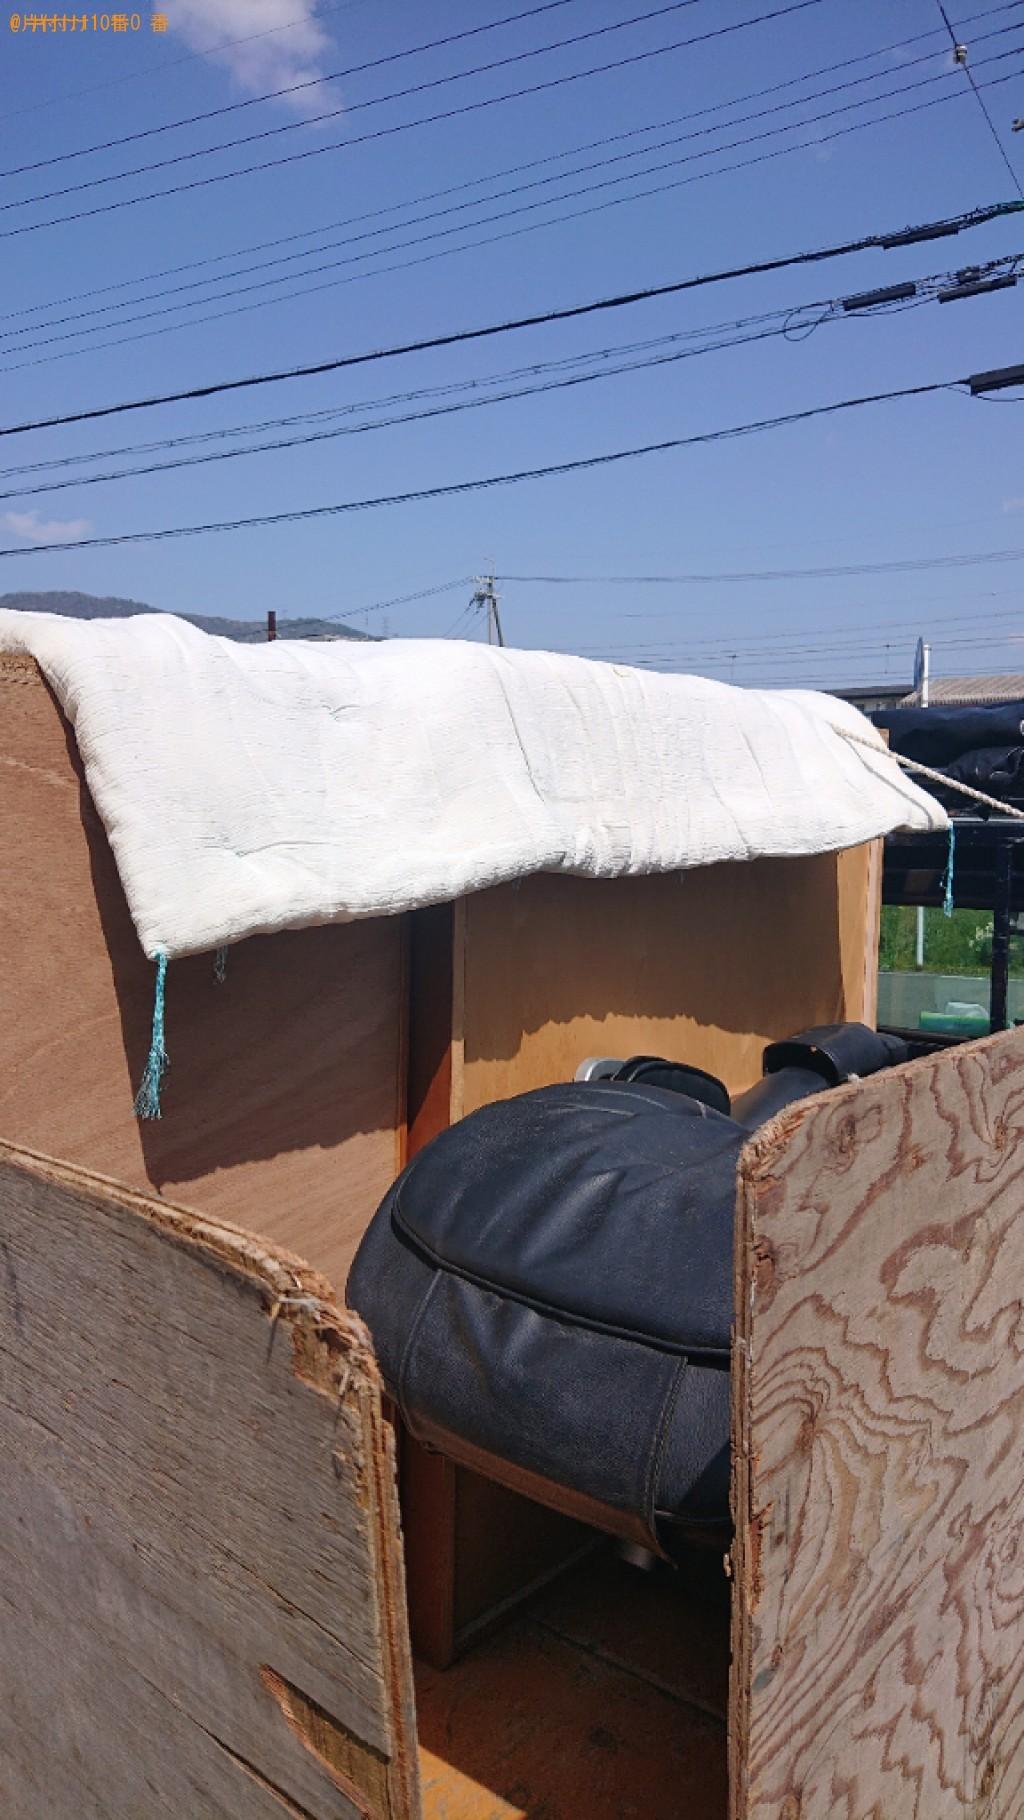 【大飯郡おおい町】タンスなどの出張不用品回収・処分ご依頼